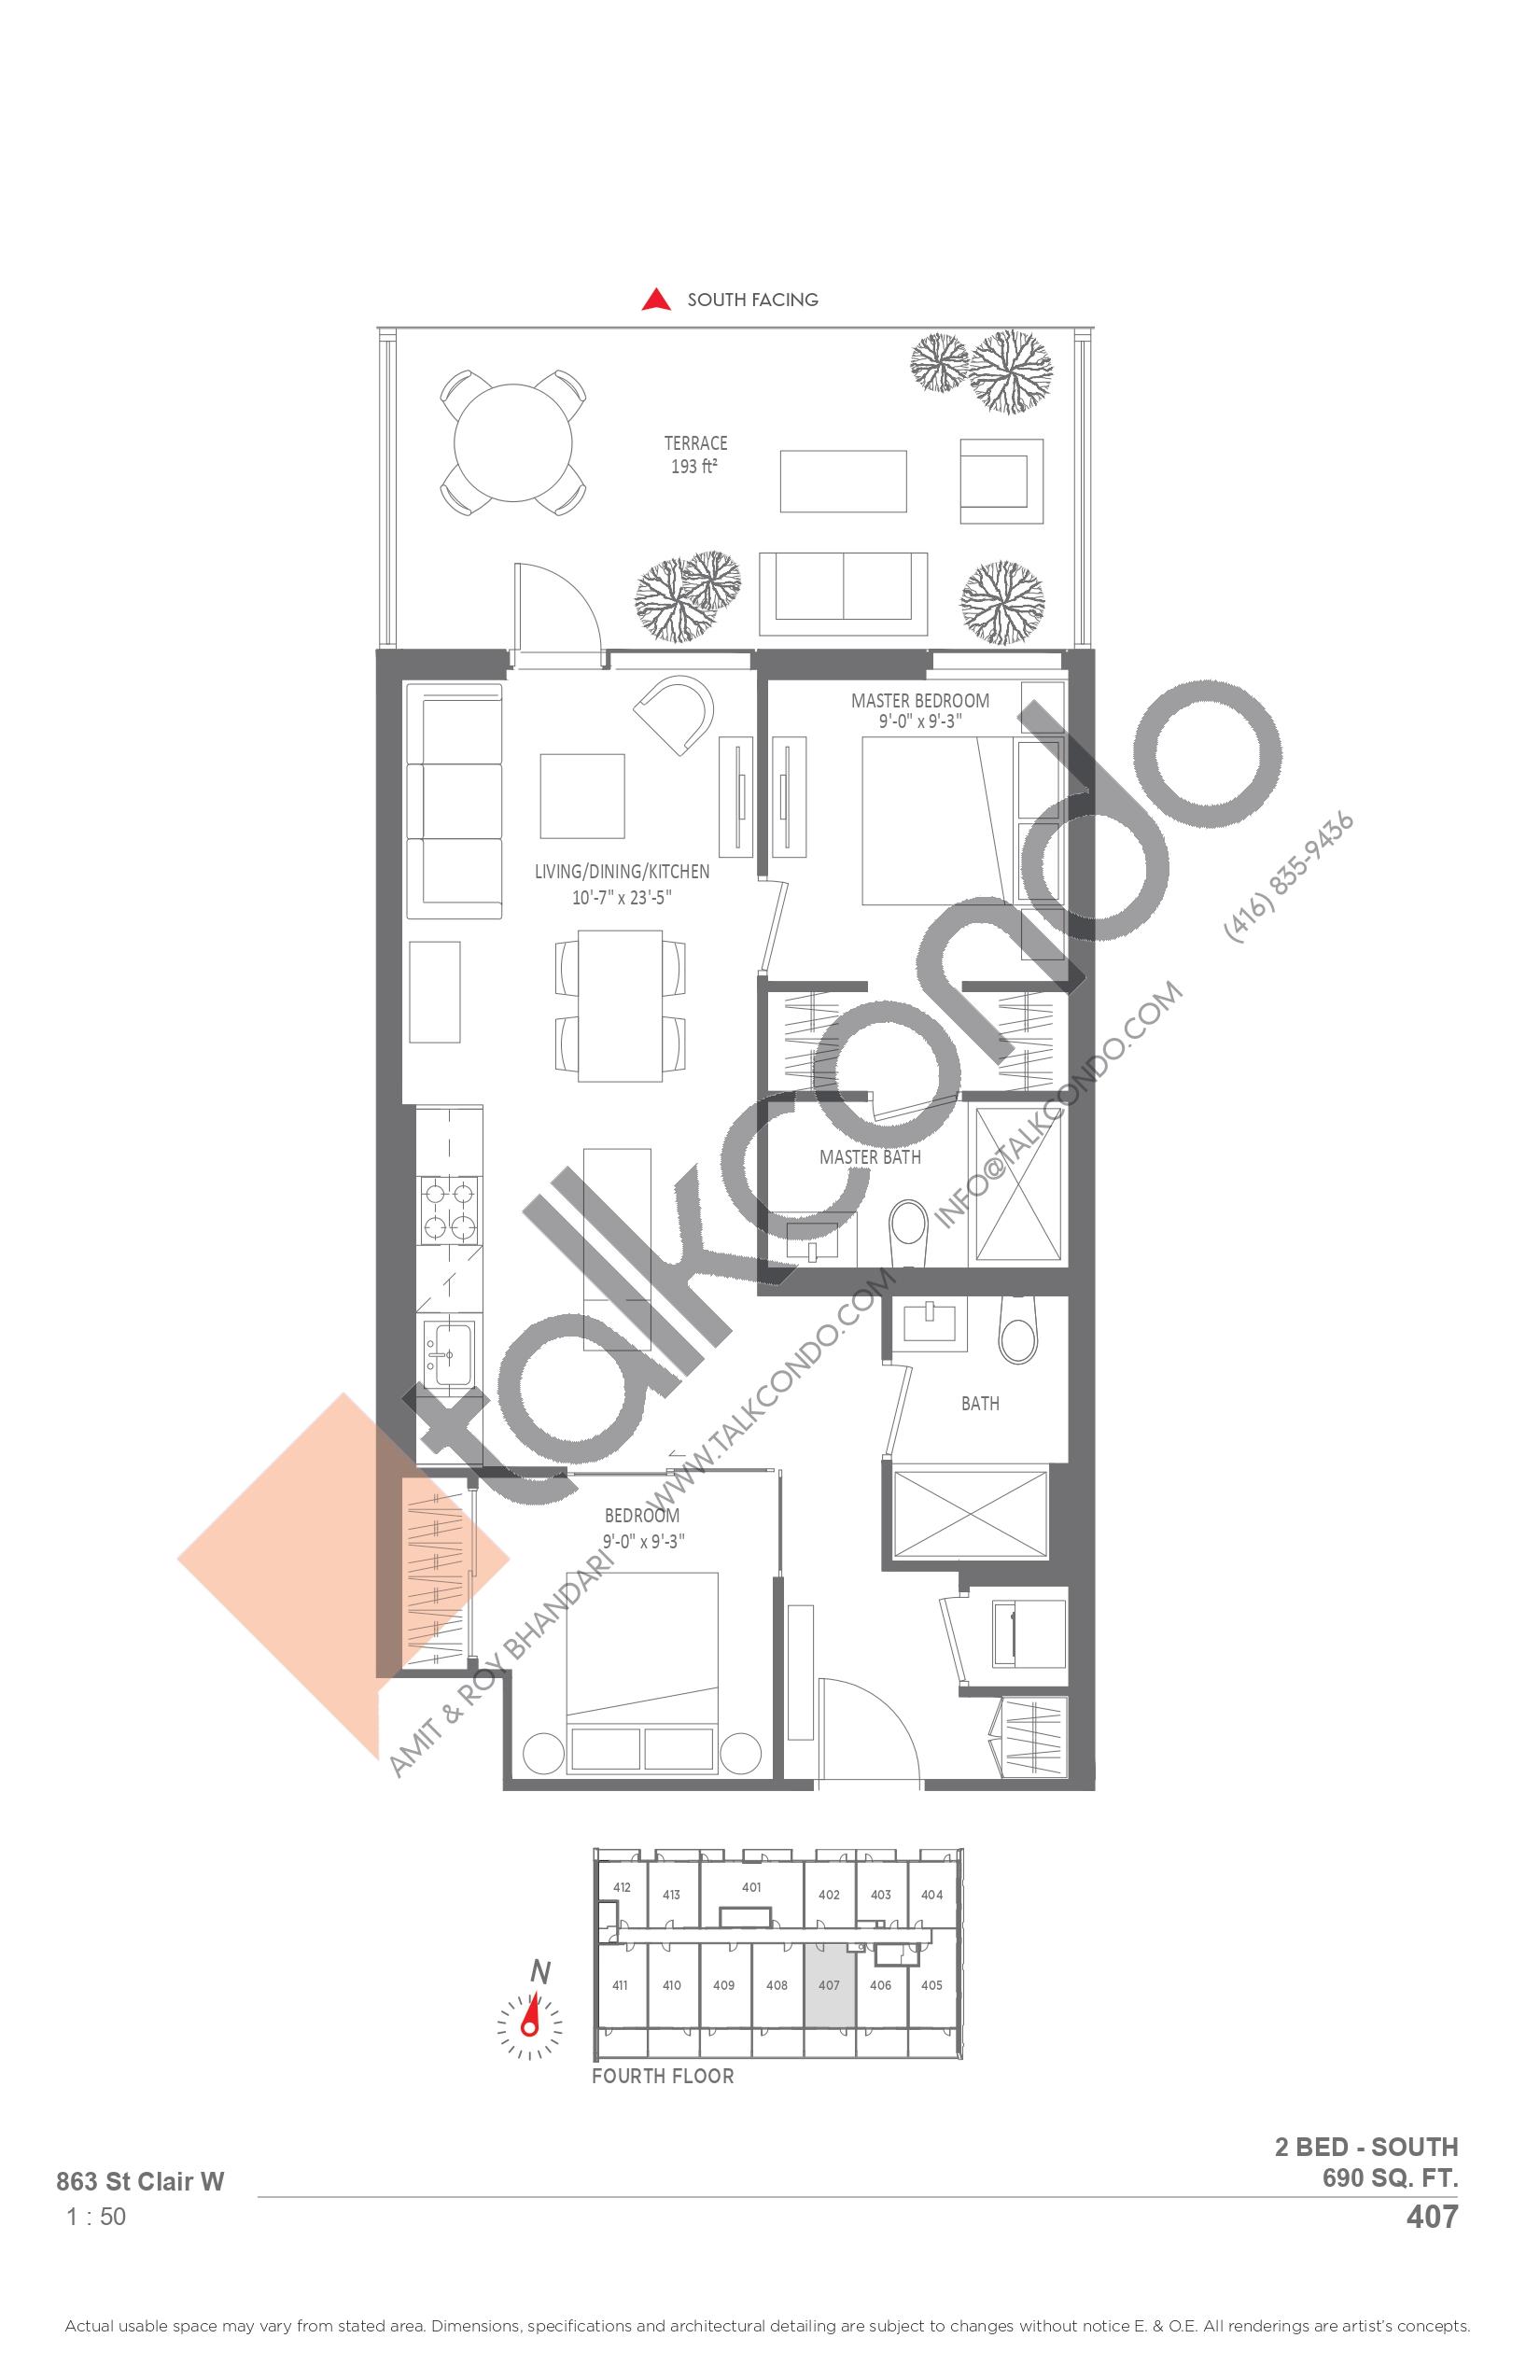 407 Floor Plan at Monza Condos - 690 sq.ft